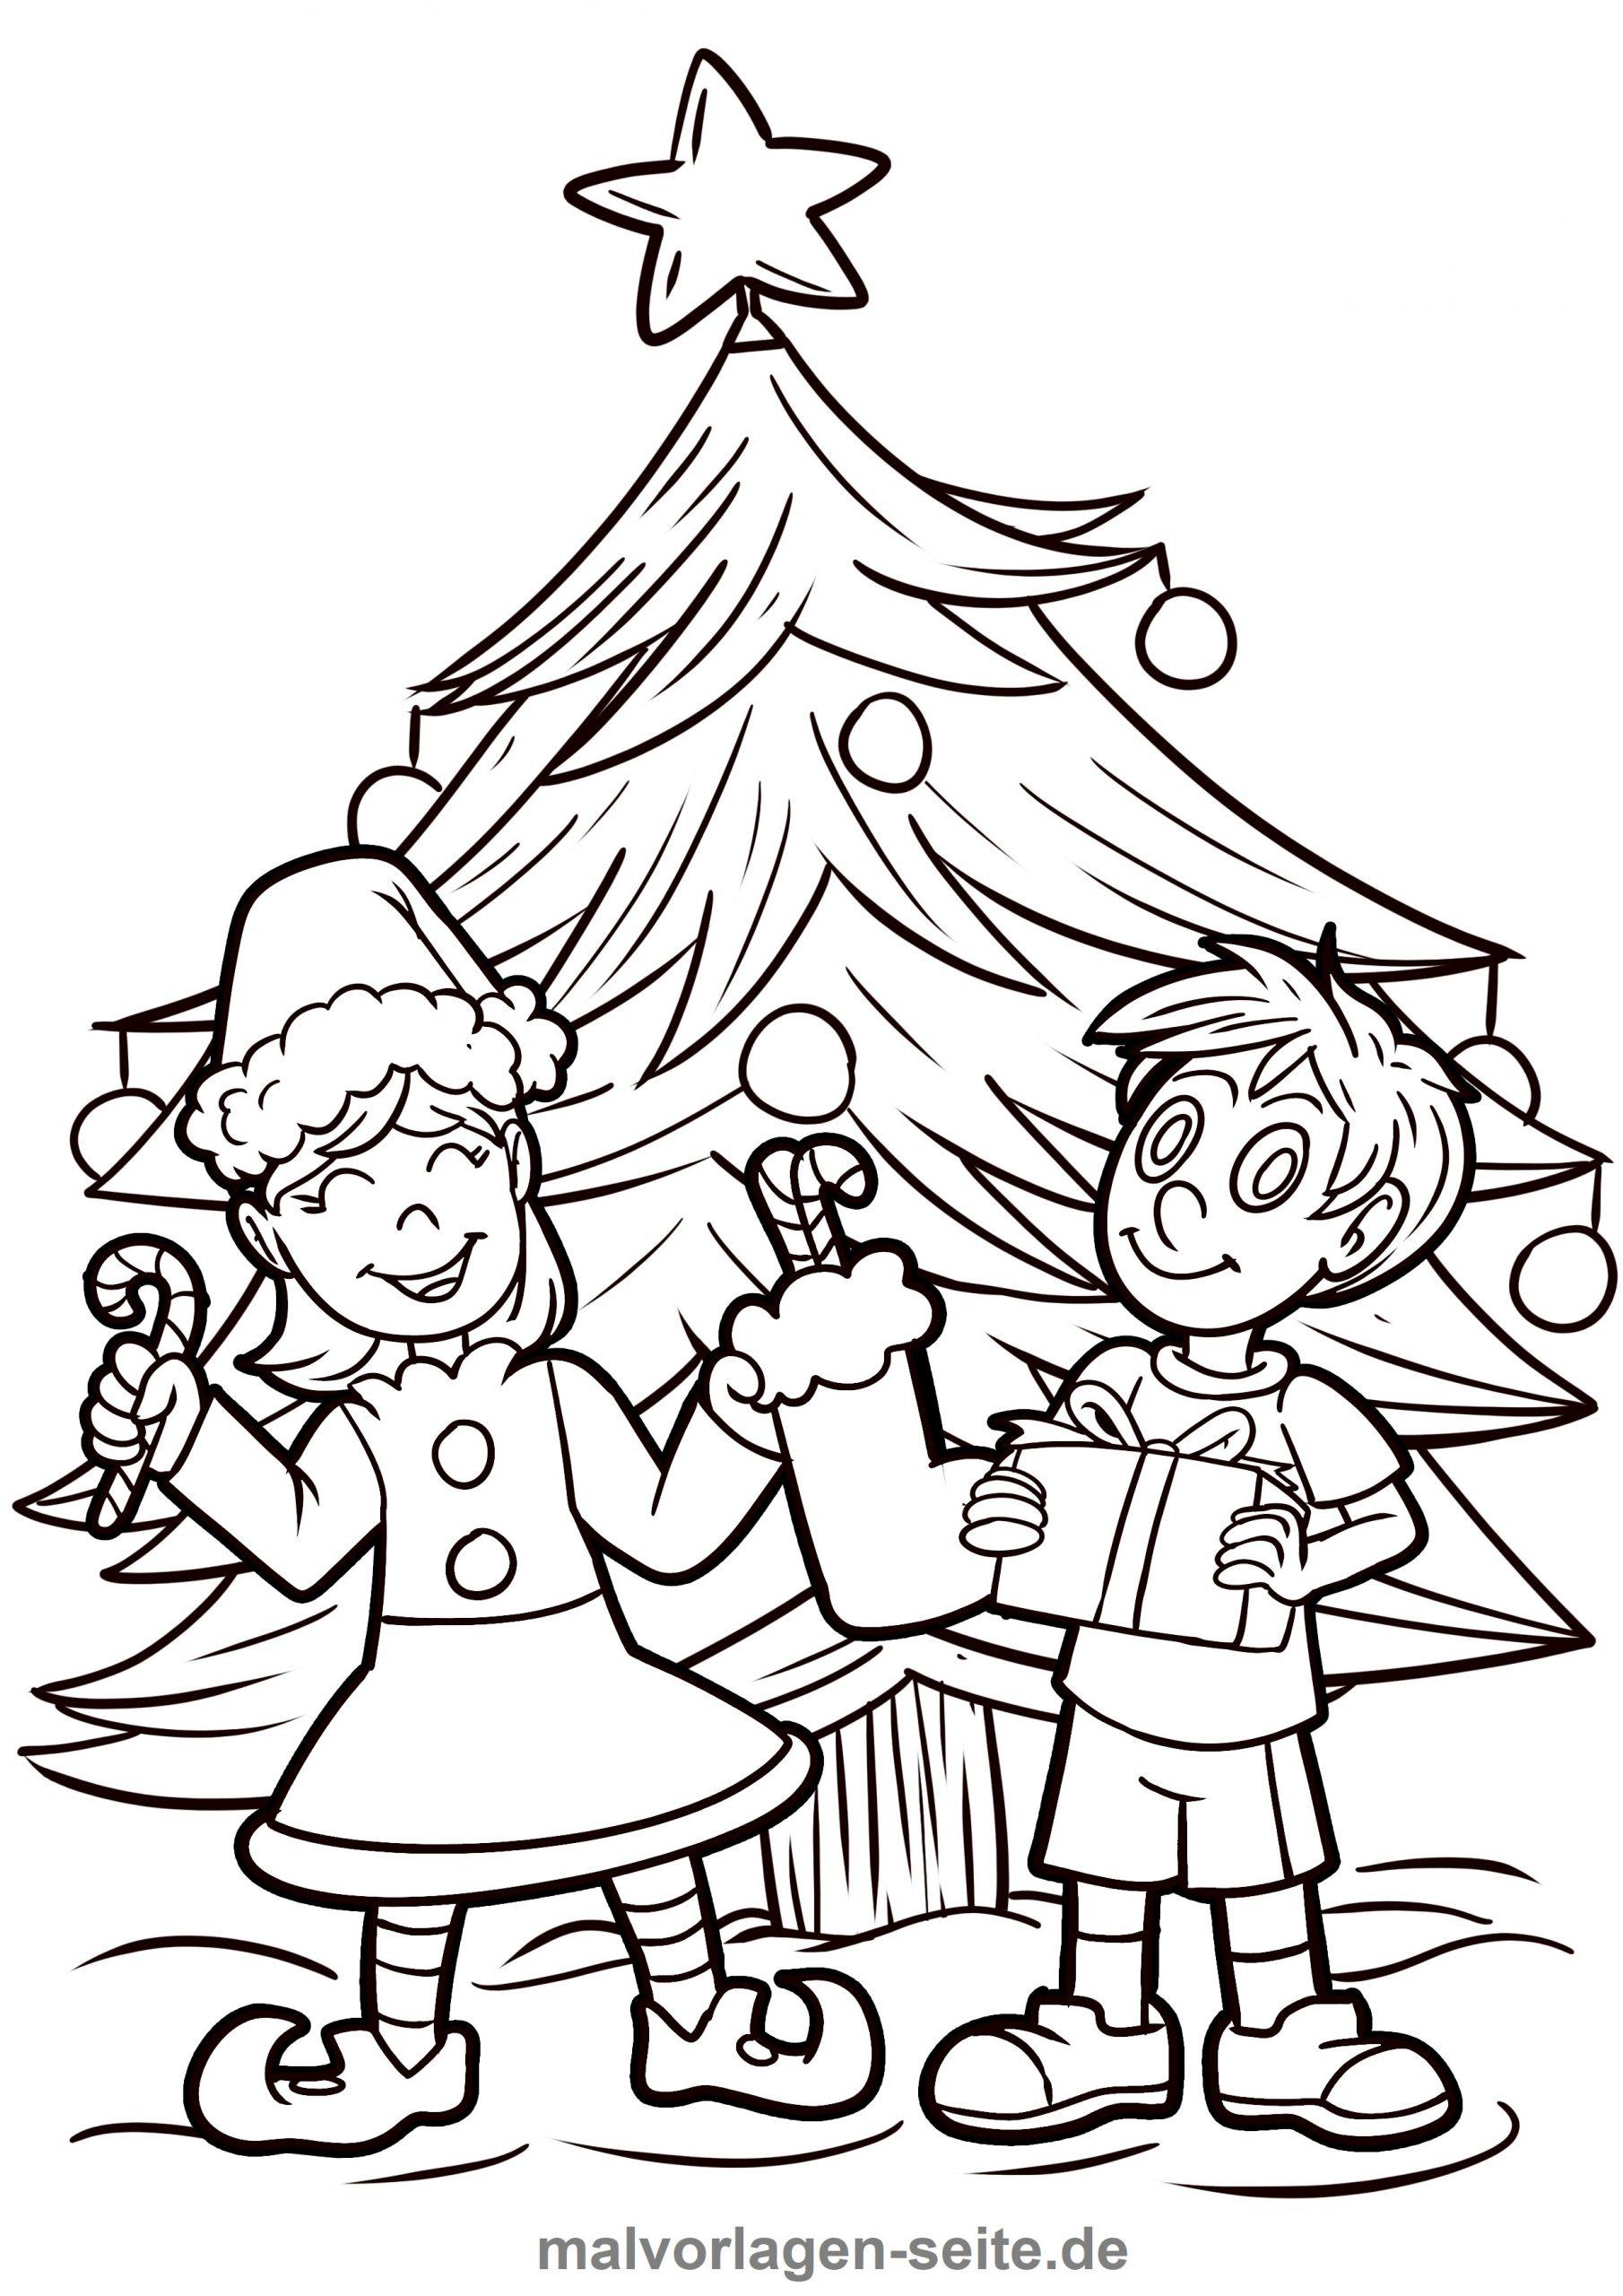 Malvorlage Weihnachten - Ausmalbilder Kostenlos Herunterladen über Malvorlagen Weihnachten Kostenlos